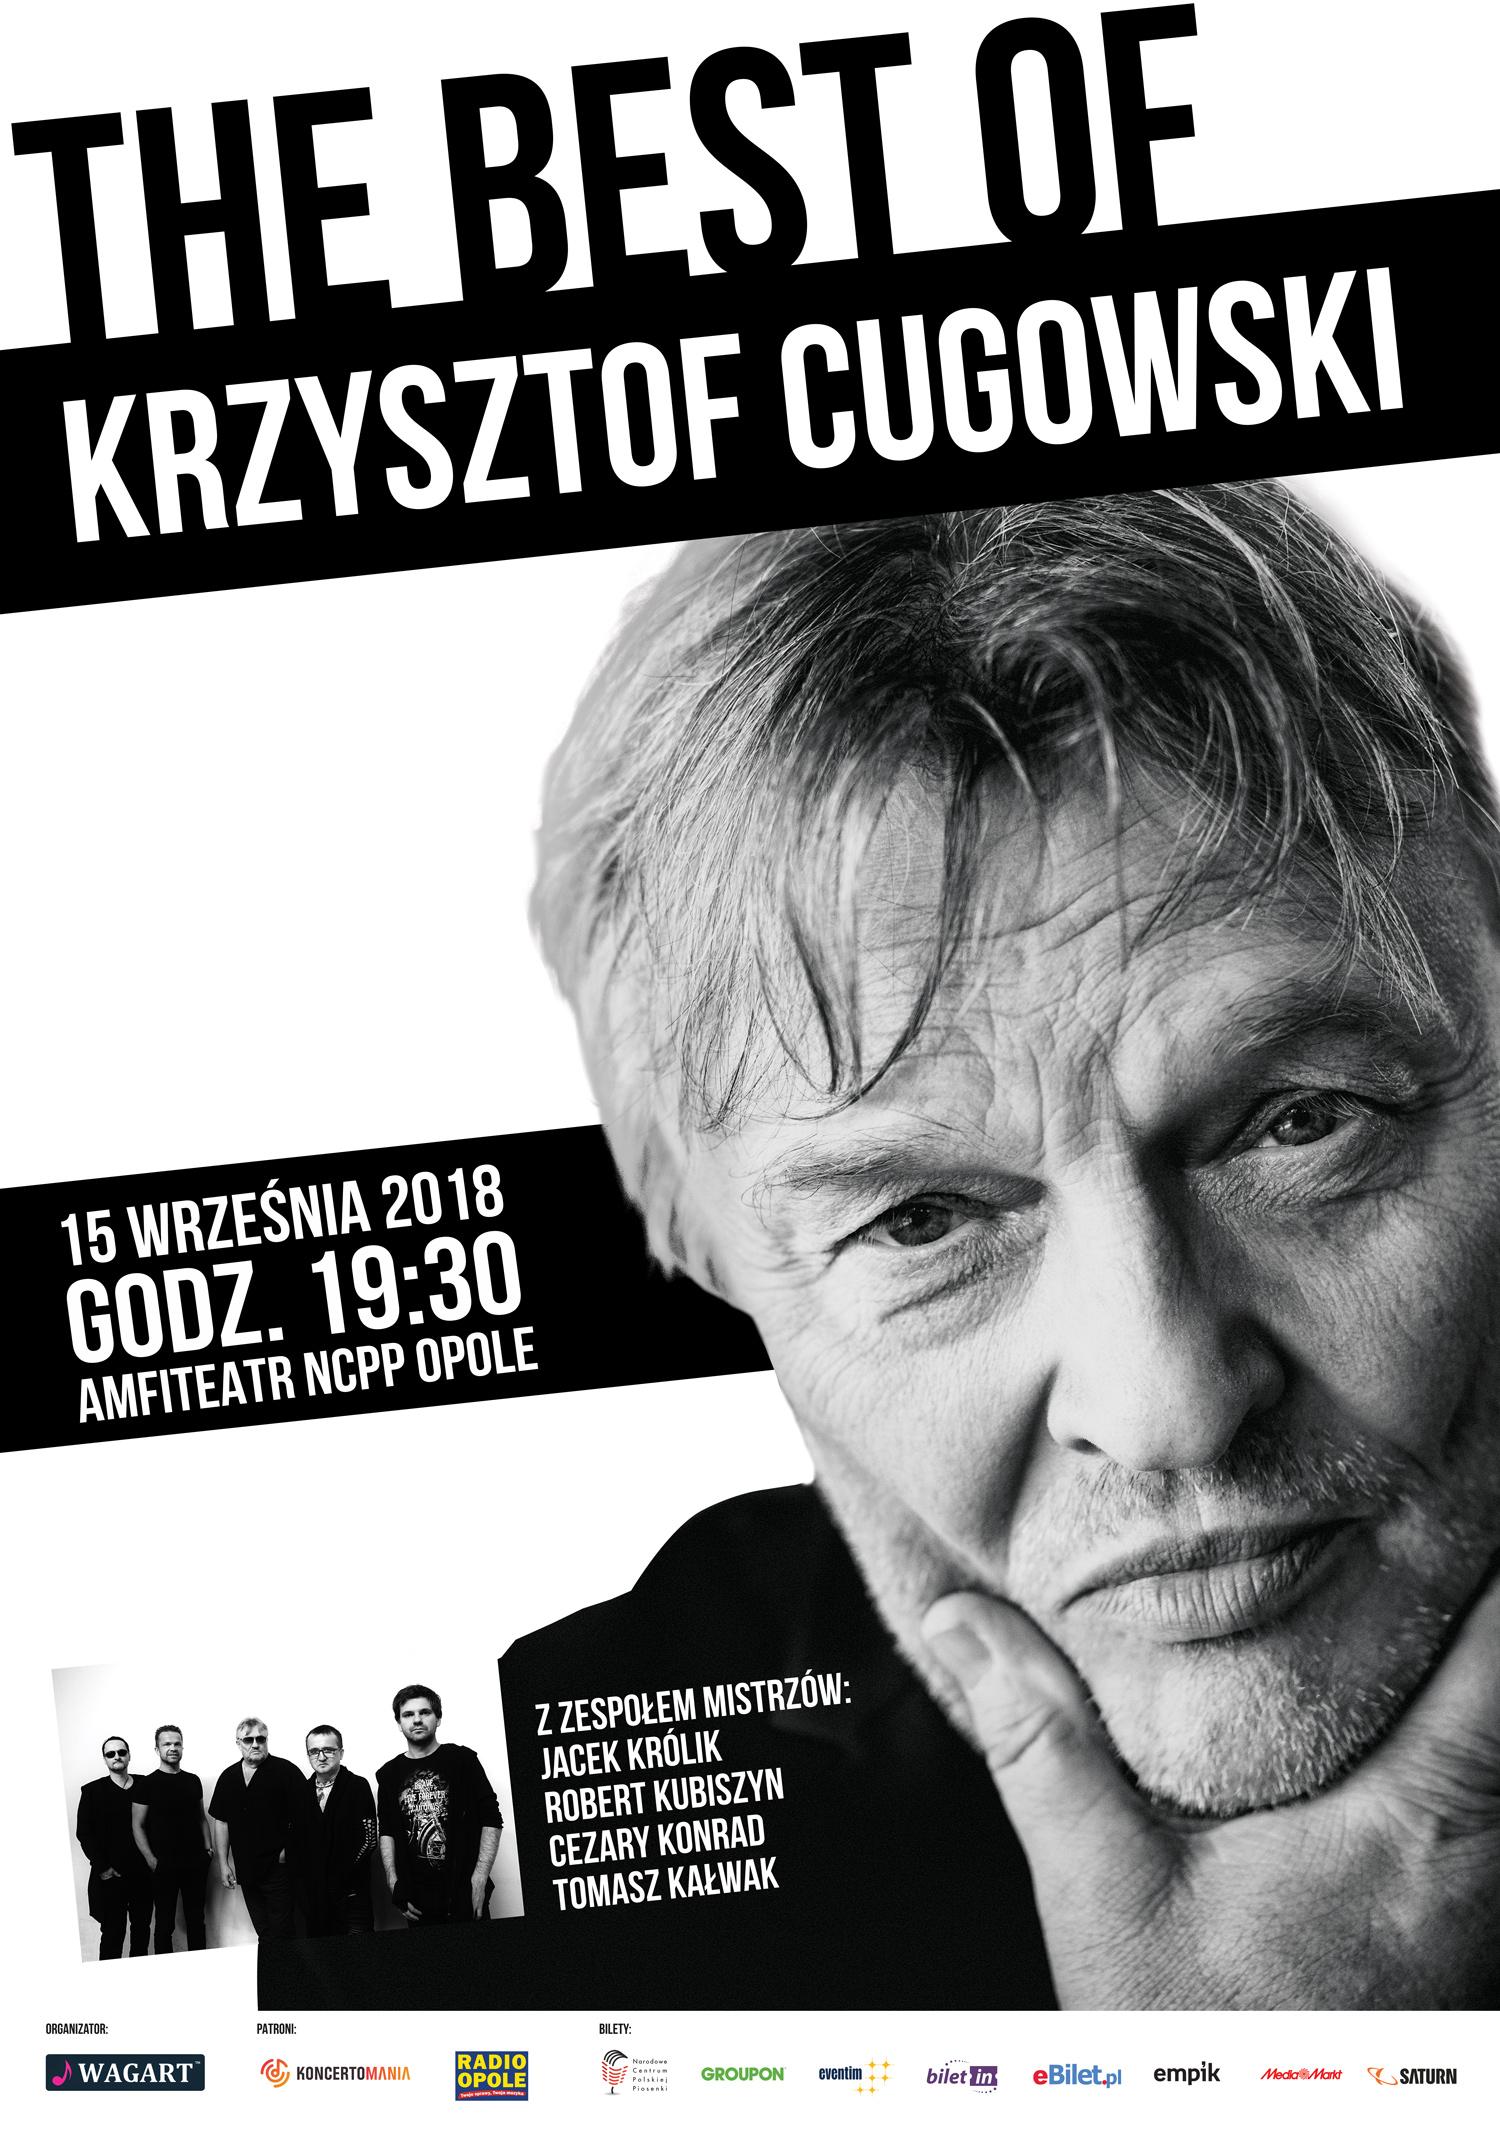 Legendarny frontman Budki Suflera Krzysztof Cugowski z zespołem Mistrzów z koncertem w amfiteatrze!